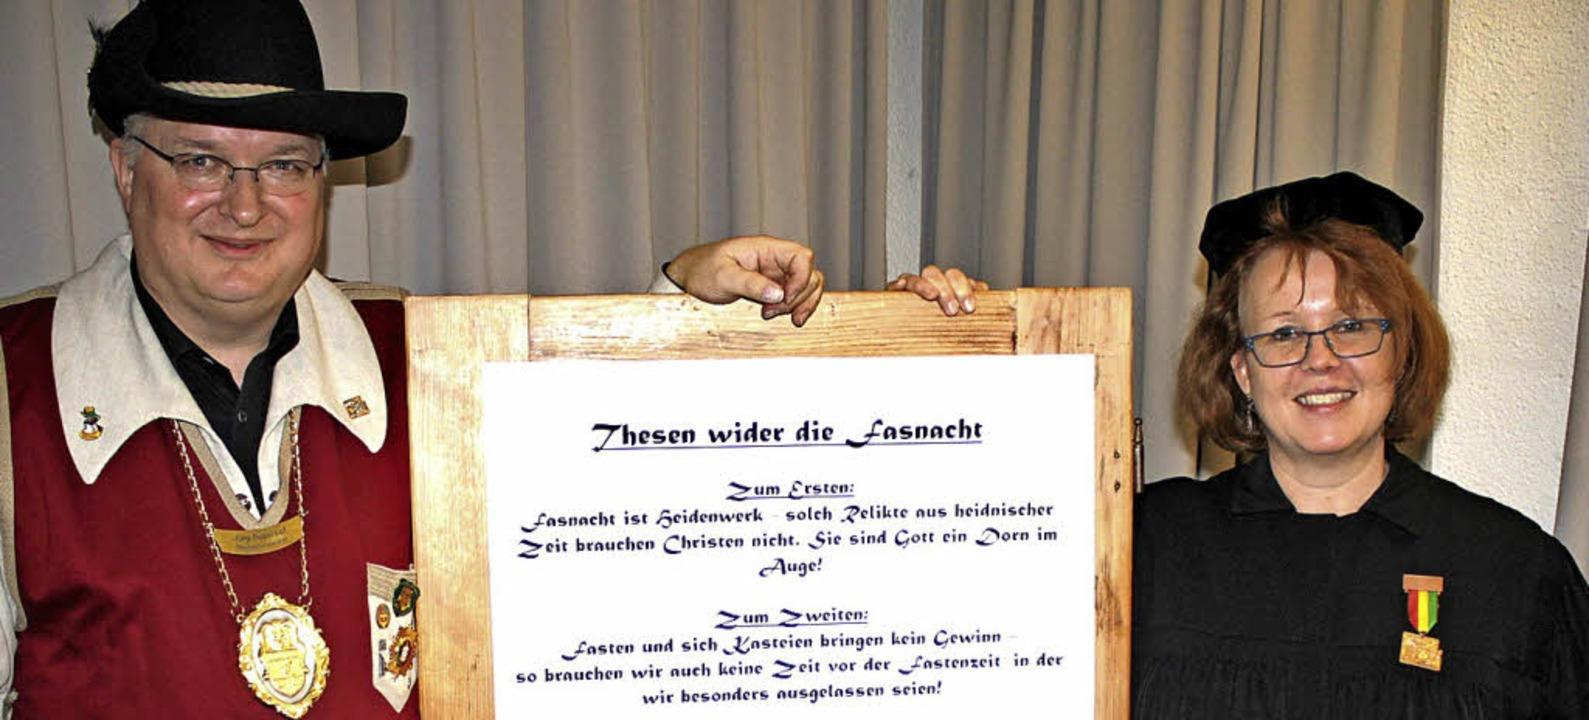 Fünf Thesen zur Fasnacht brachte Susan... können. Jörg Rosskopf widerlegte sie.    Foto: Rolf Reißmann